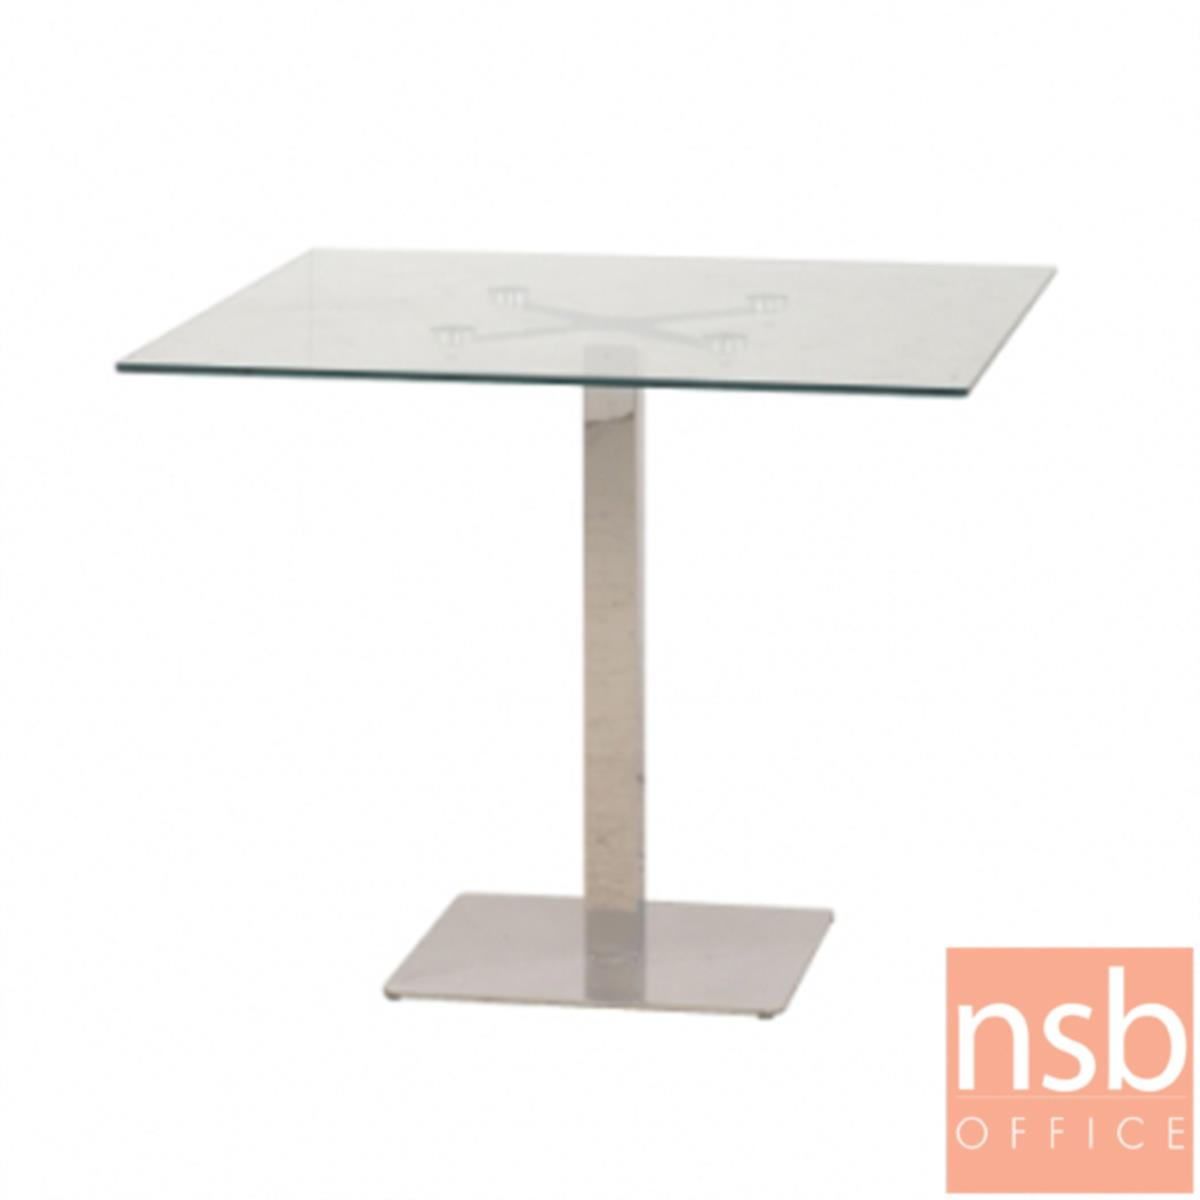 A09A134:โต๊ะเหลี่ยมหน้ากระจก รุ่น GD-WIG  ขนาด 90W cm. โครงเหล็กชุบโครเมี่ยม